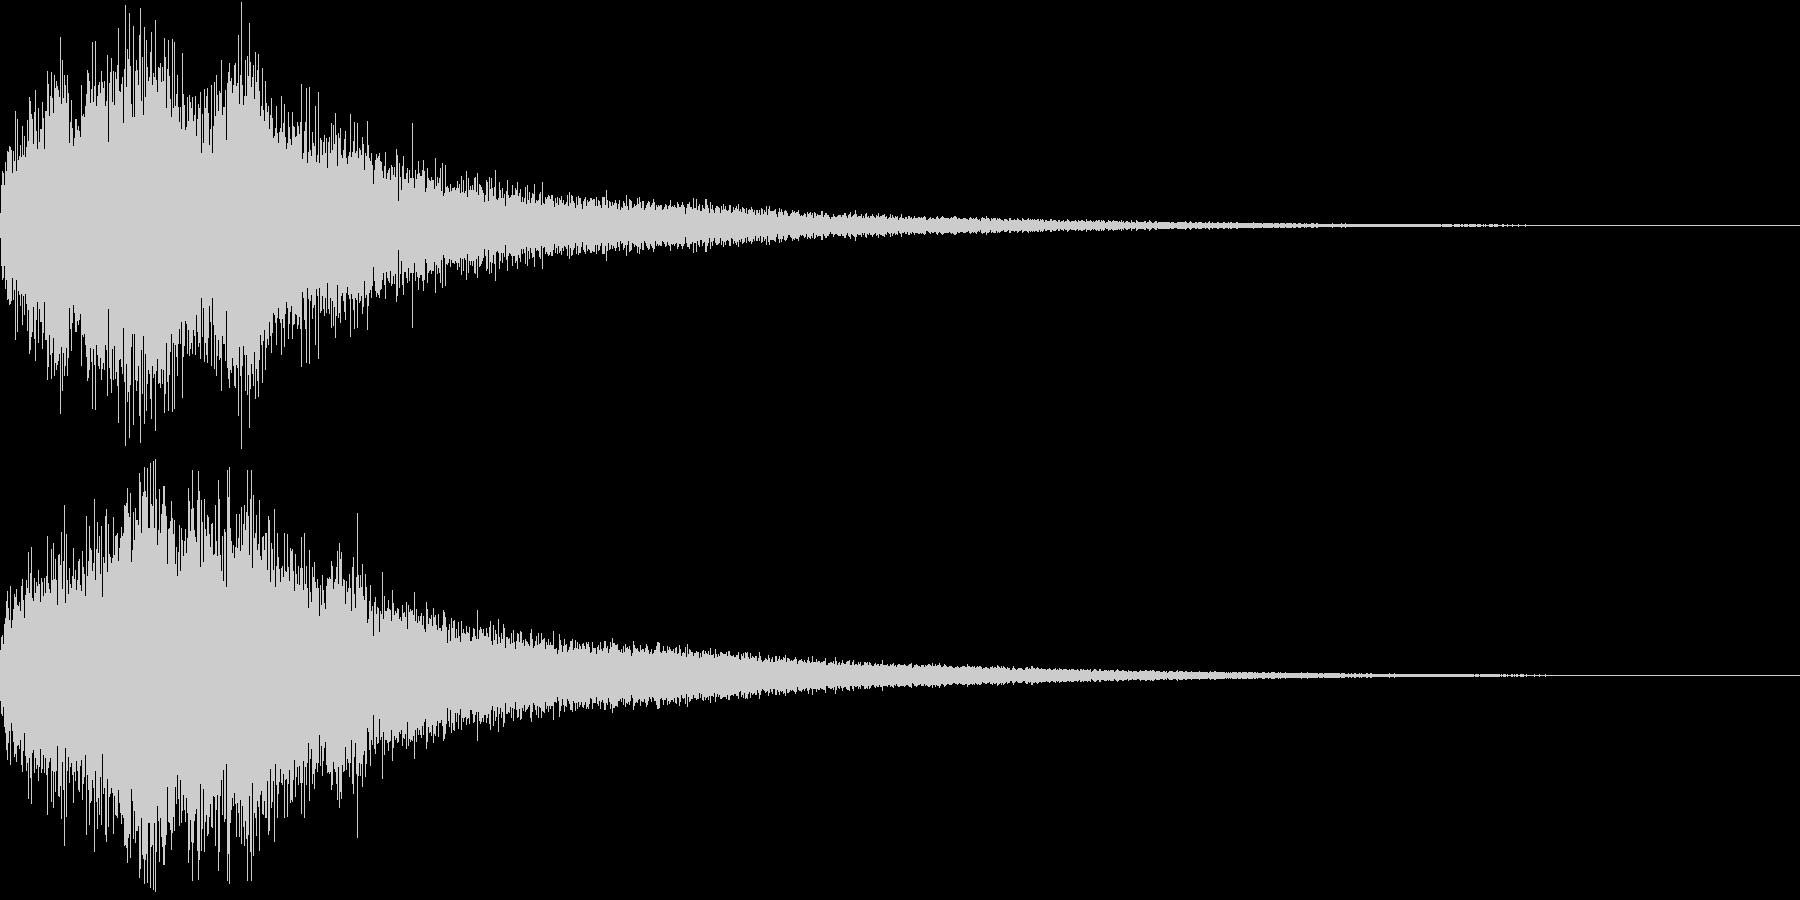 胡弓とチャイナシンバルの中国ジングル18の未再生の波形